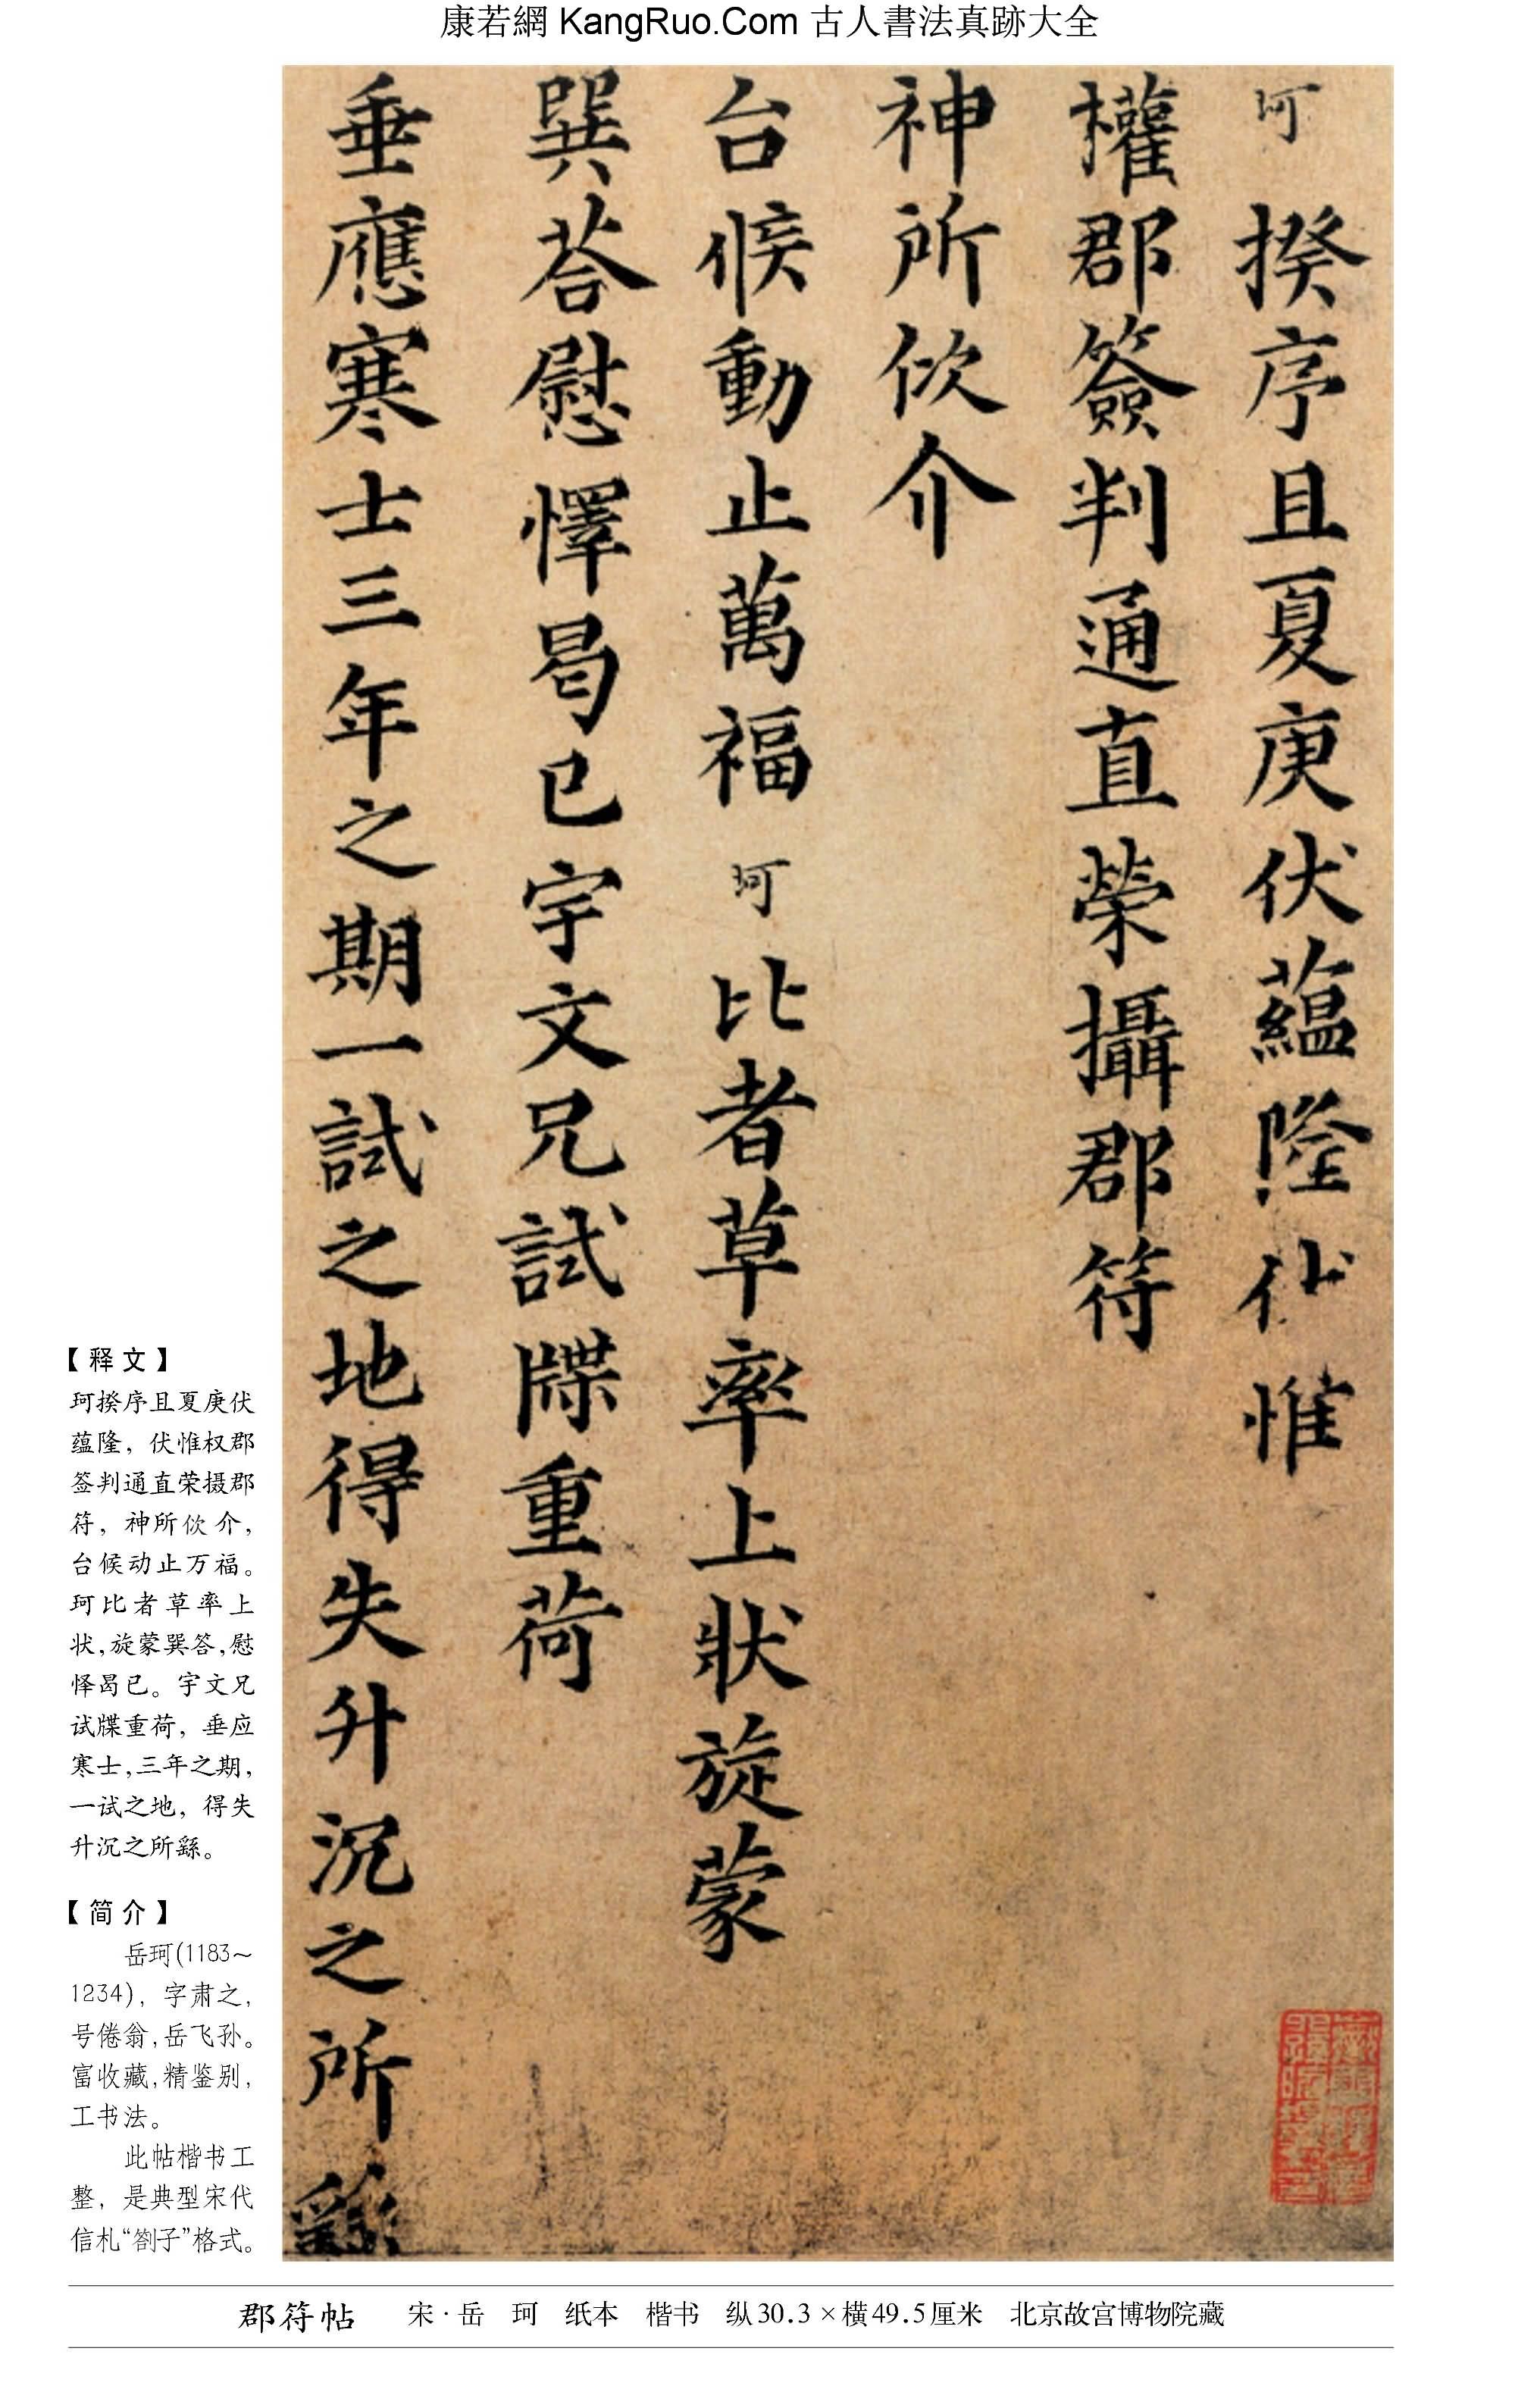 《郡符帖》書法真跡(楷書)【宋朝·岳可】_00134